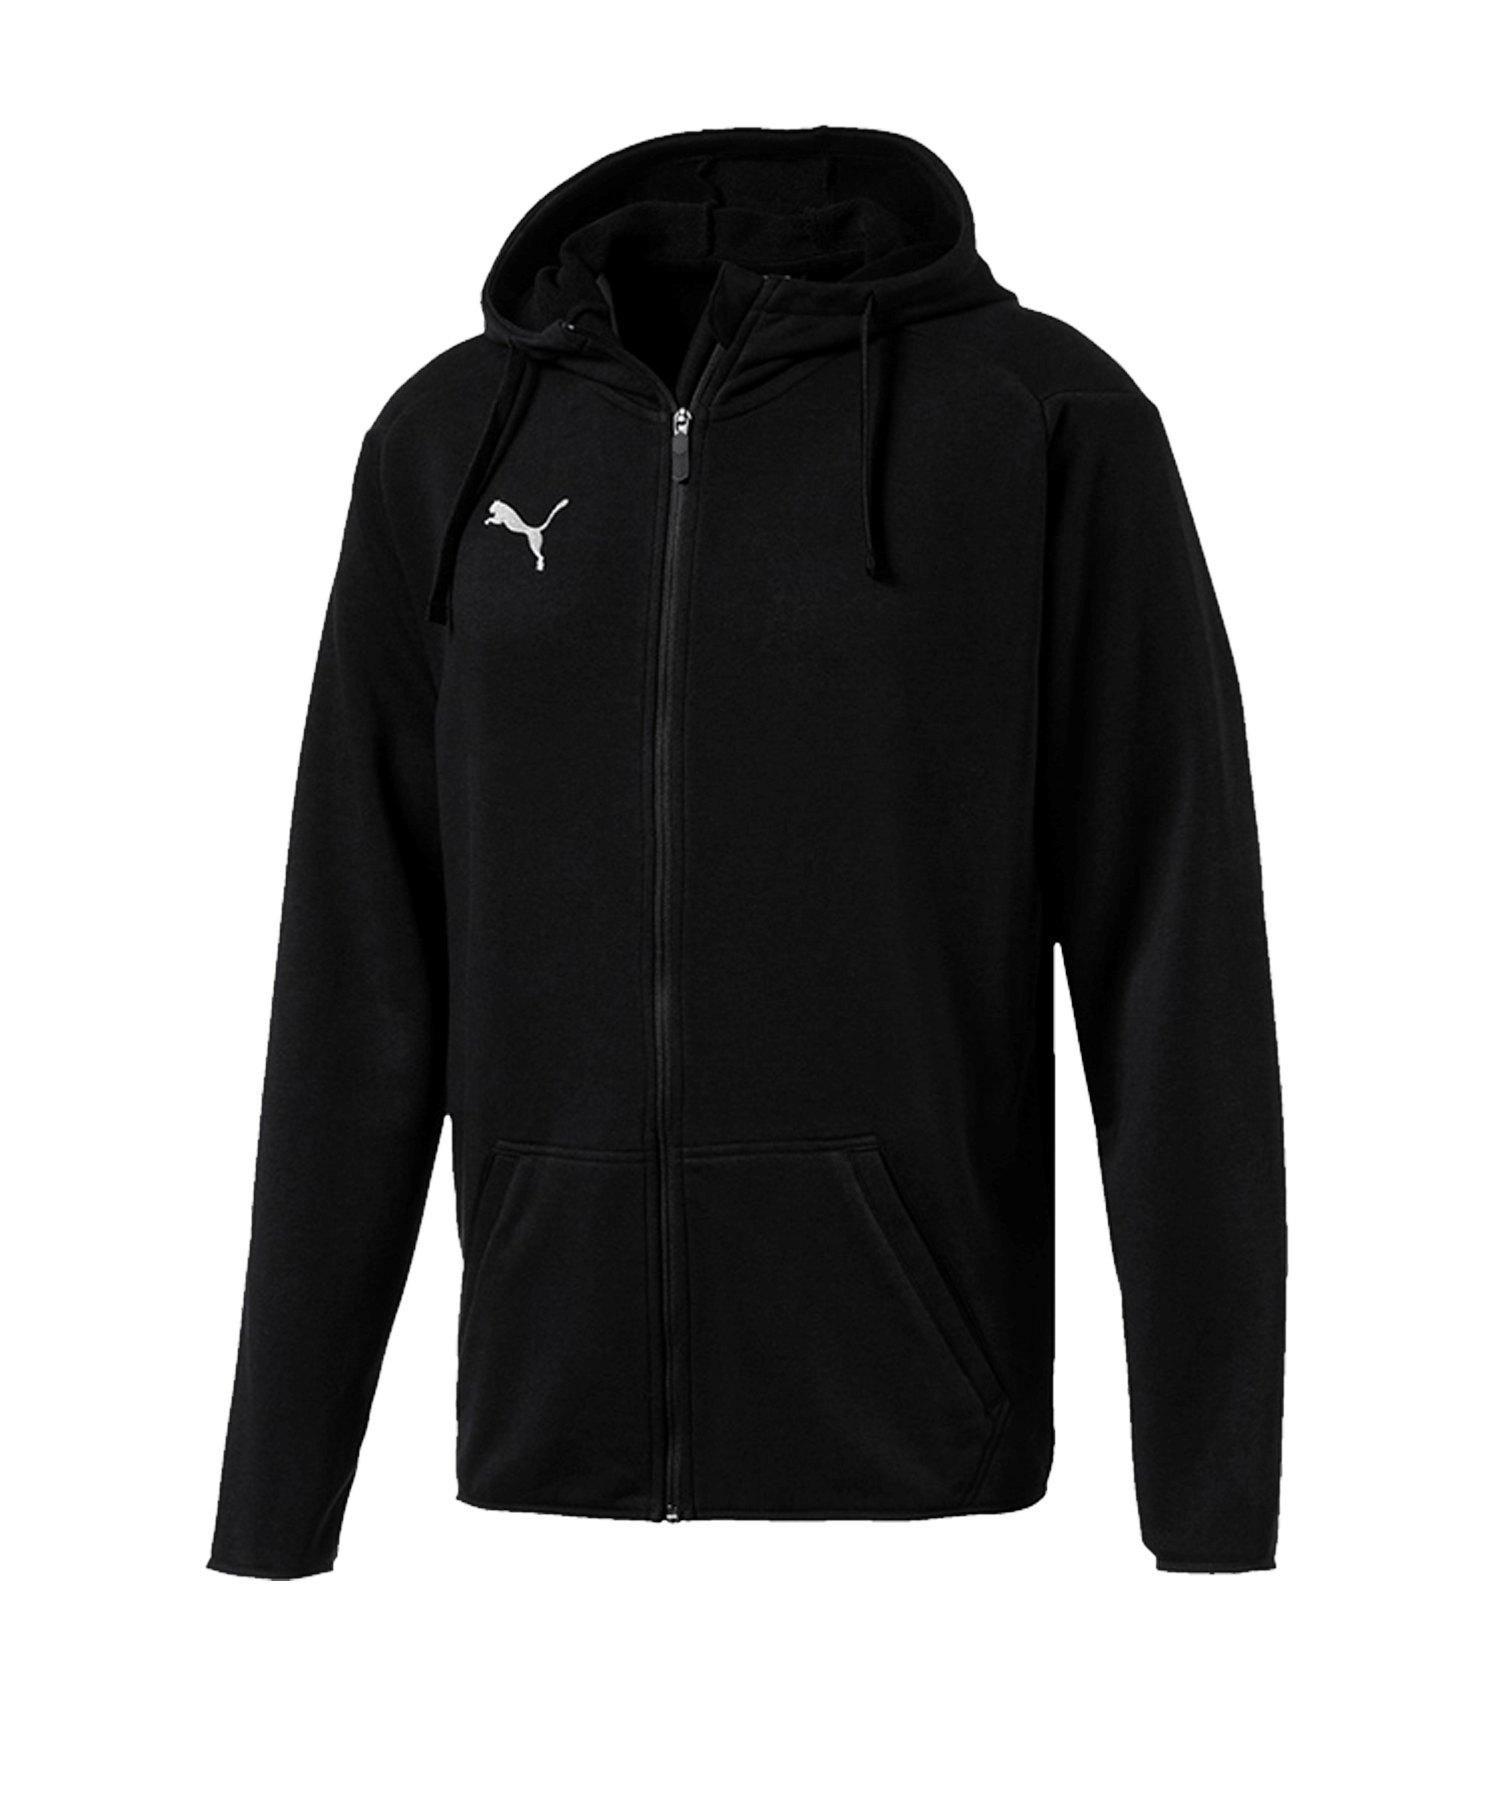 PUMA LIGA Casual Jacket Jacke Schwarz F03 - schwarz